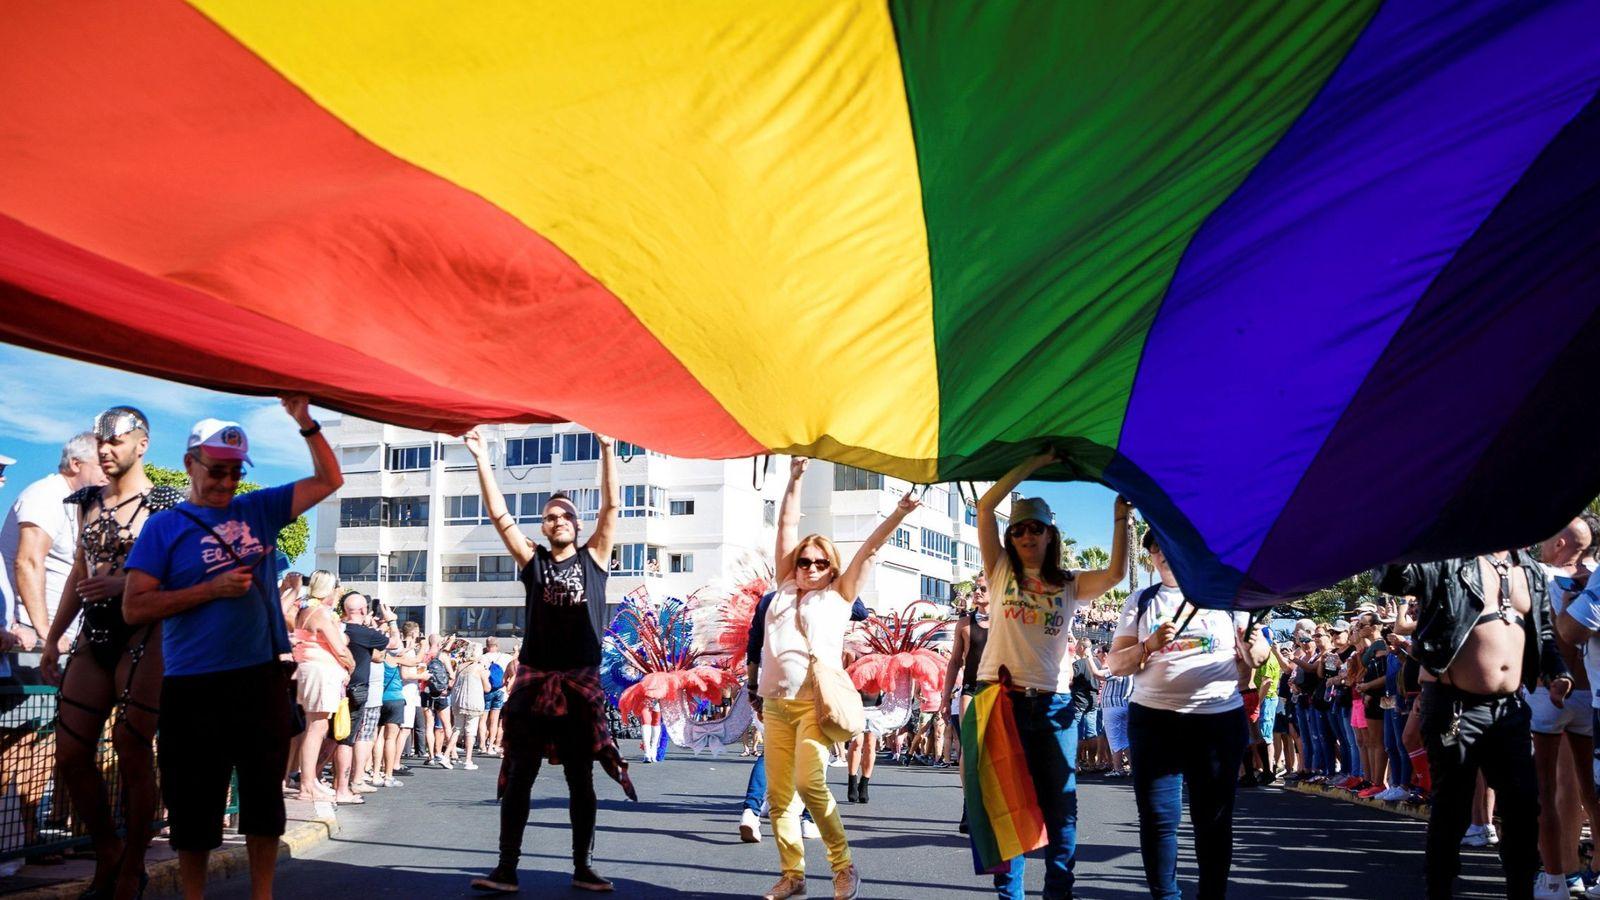 Contactos gays en todo en huelva